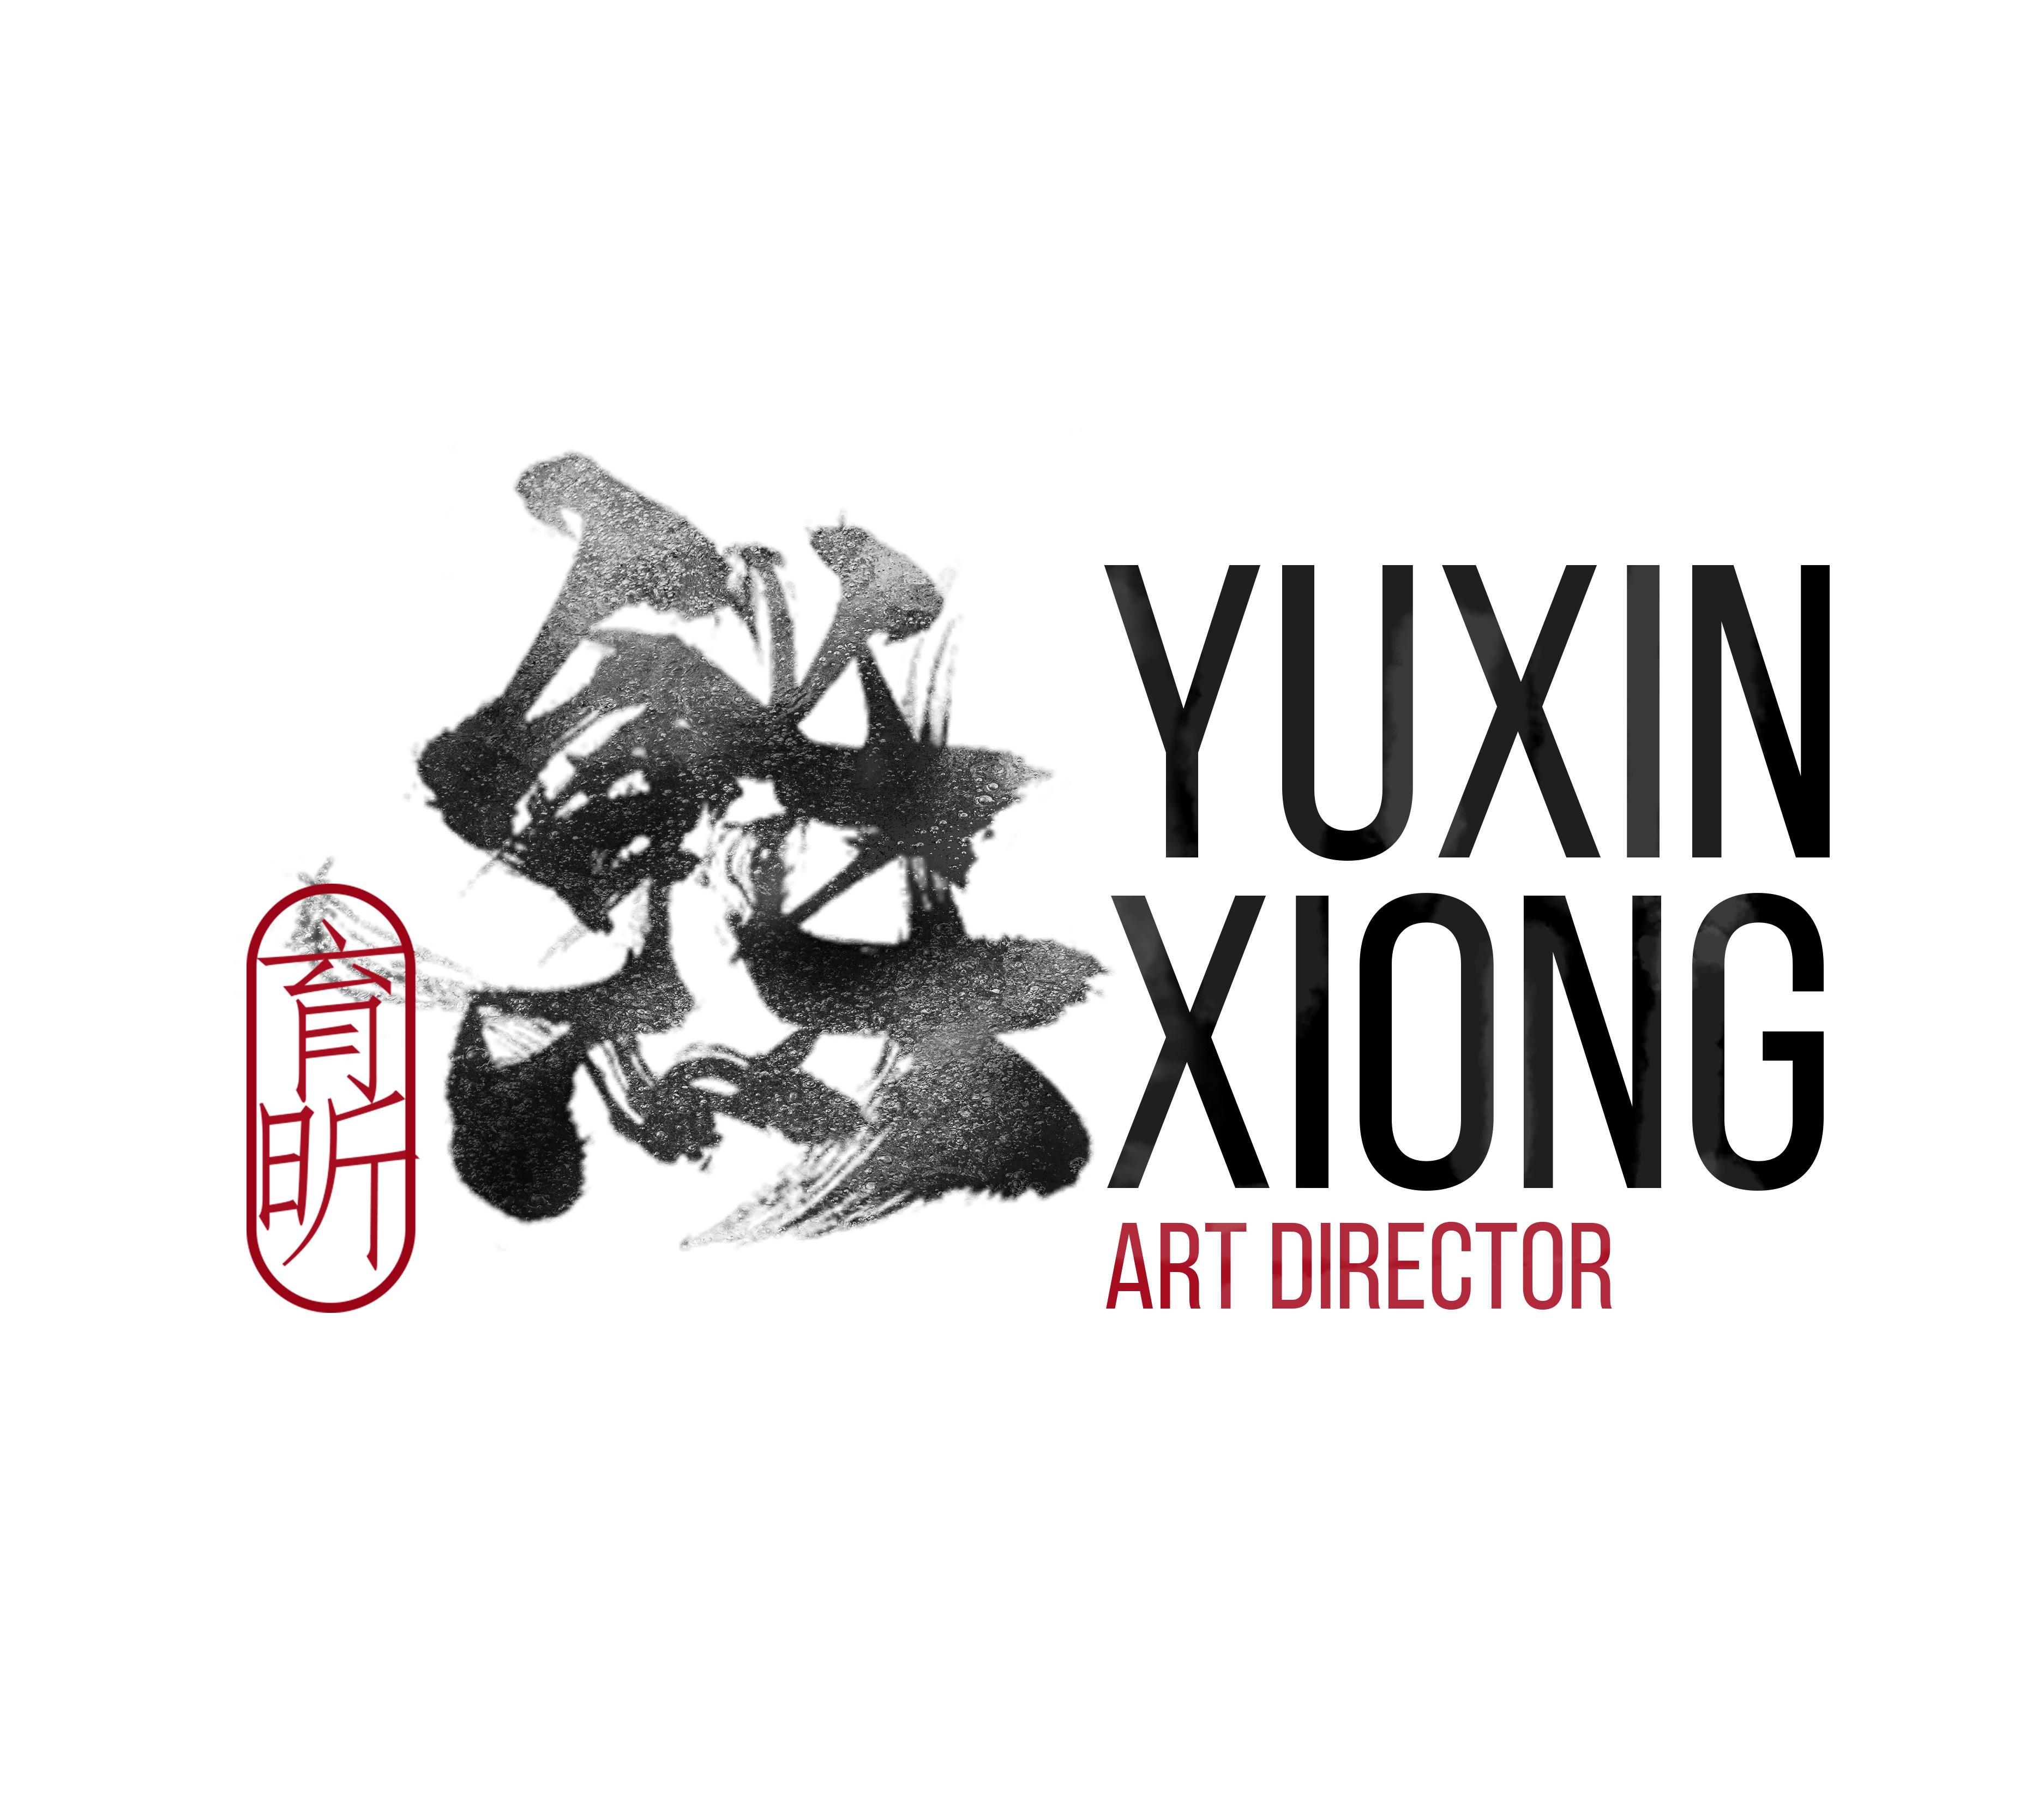 yuxin xiong